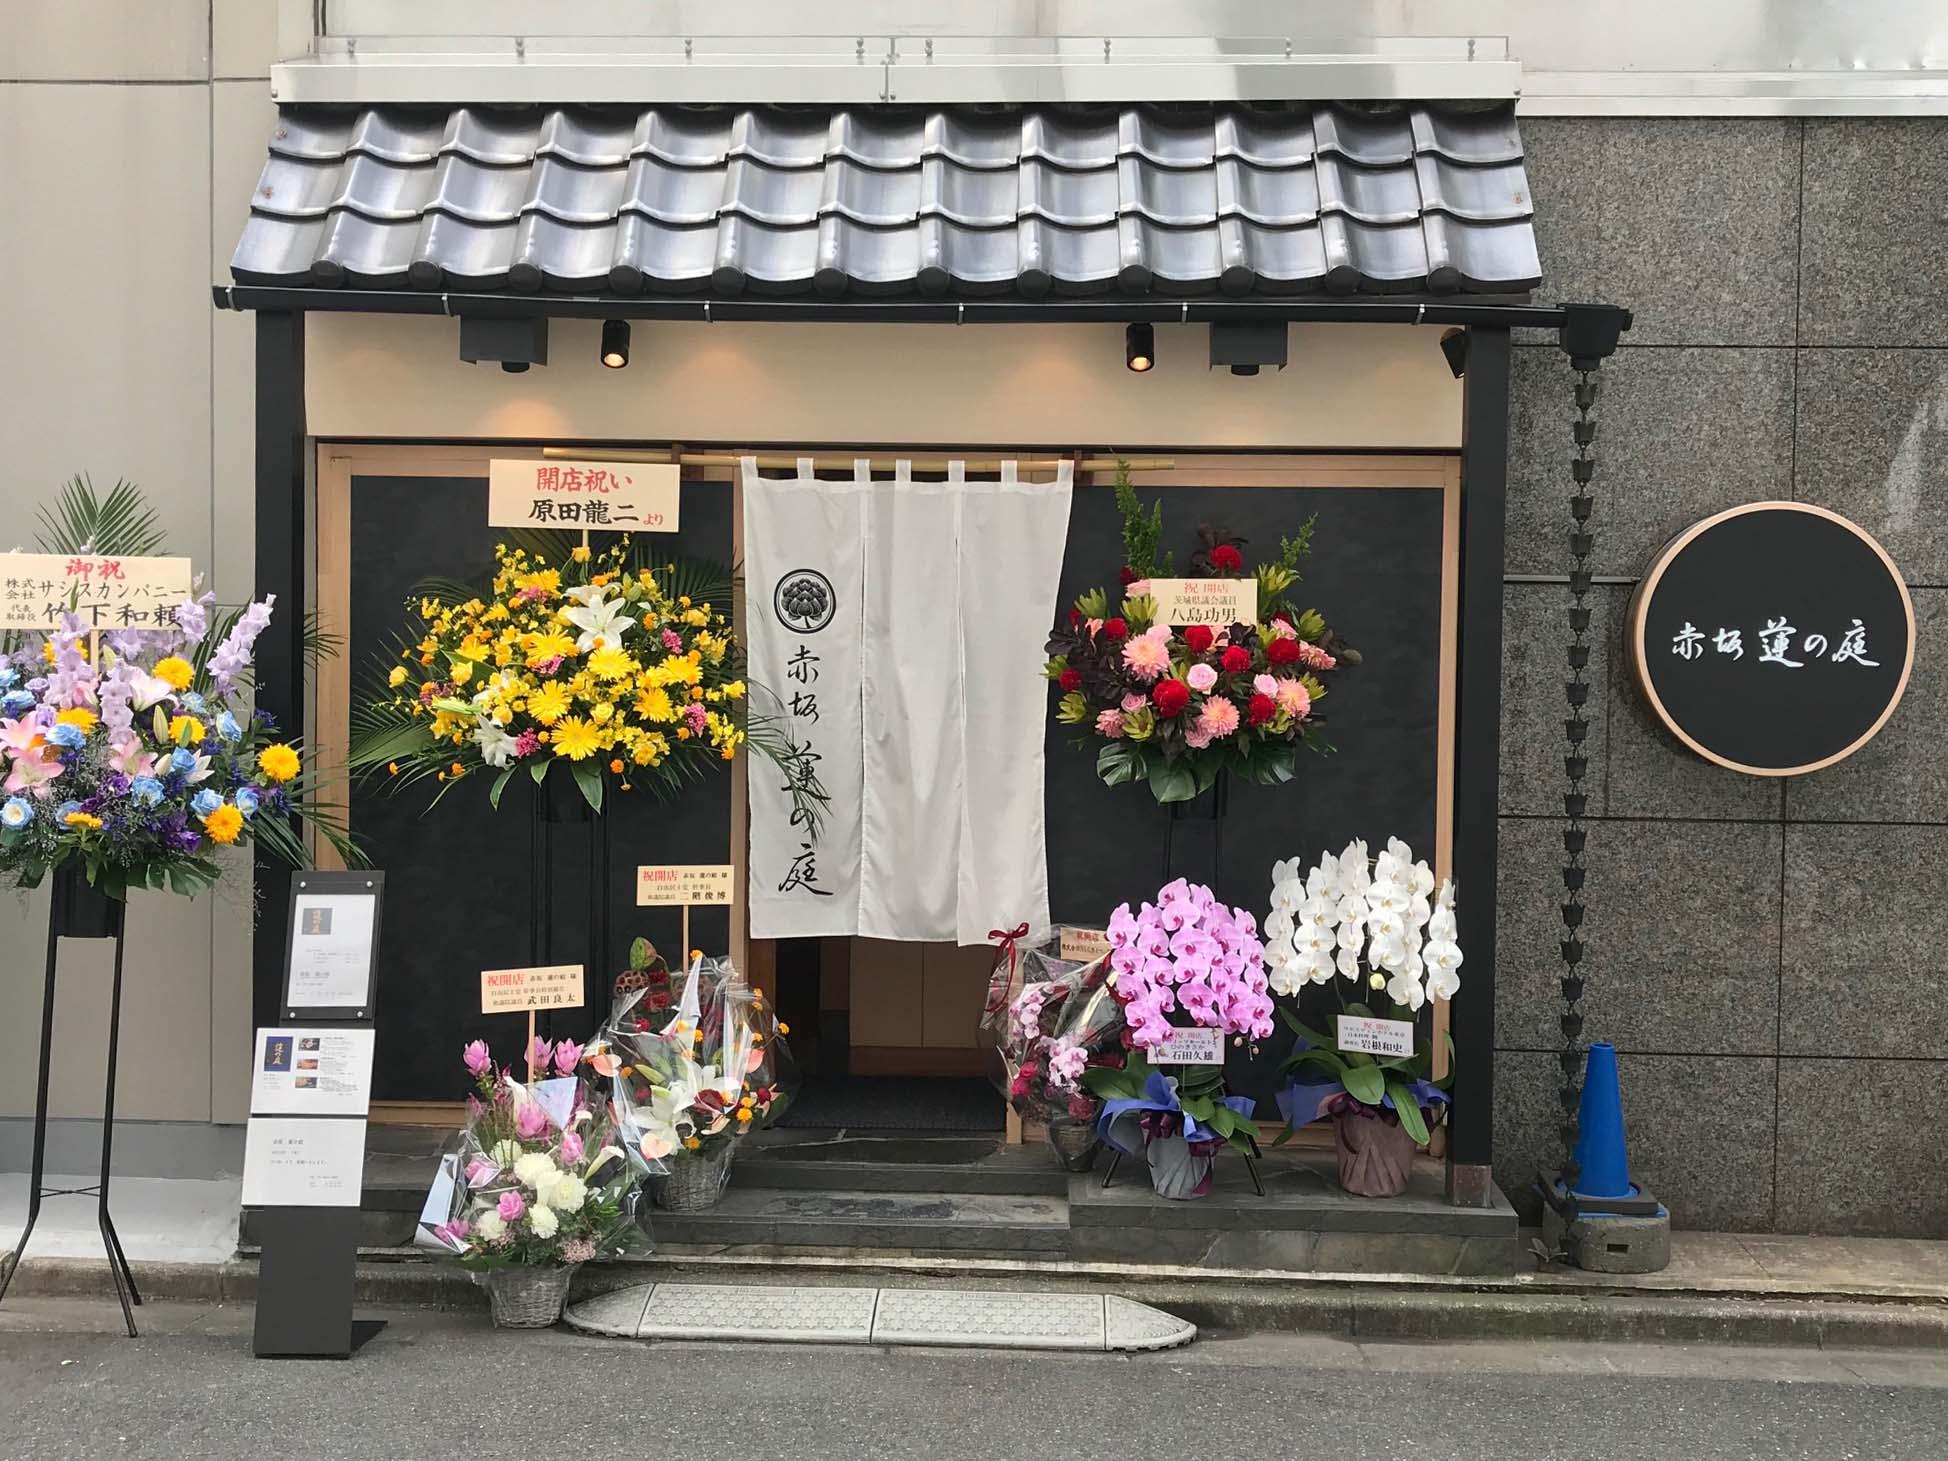 赤坂蓮の庭9月13日オープン